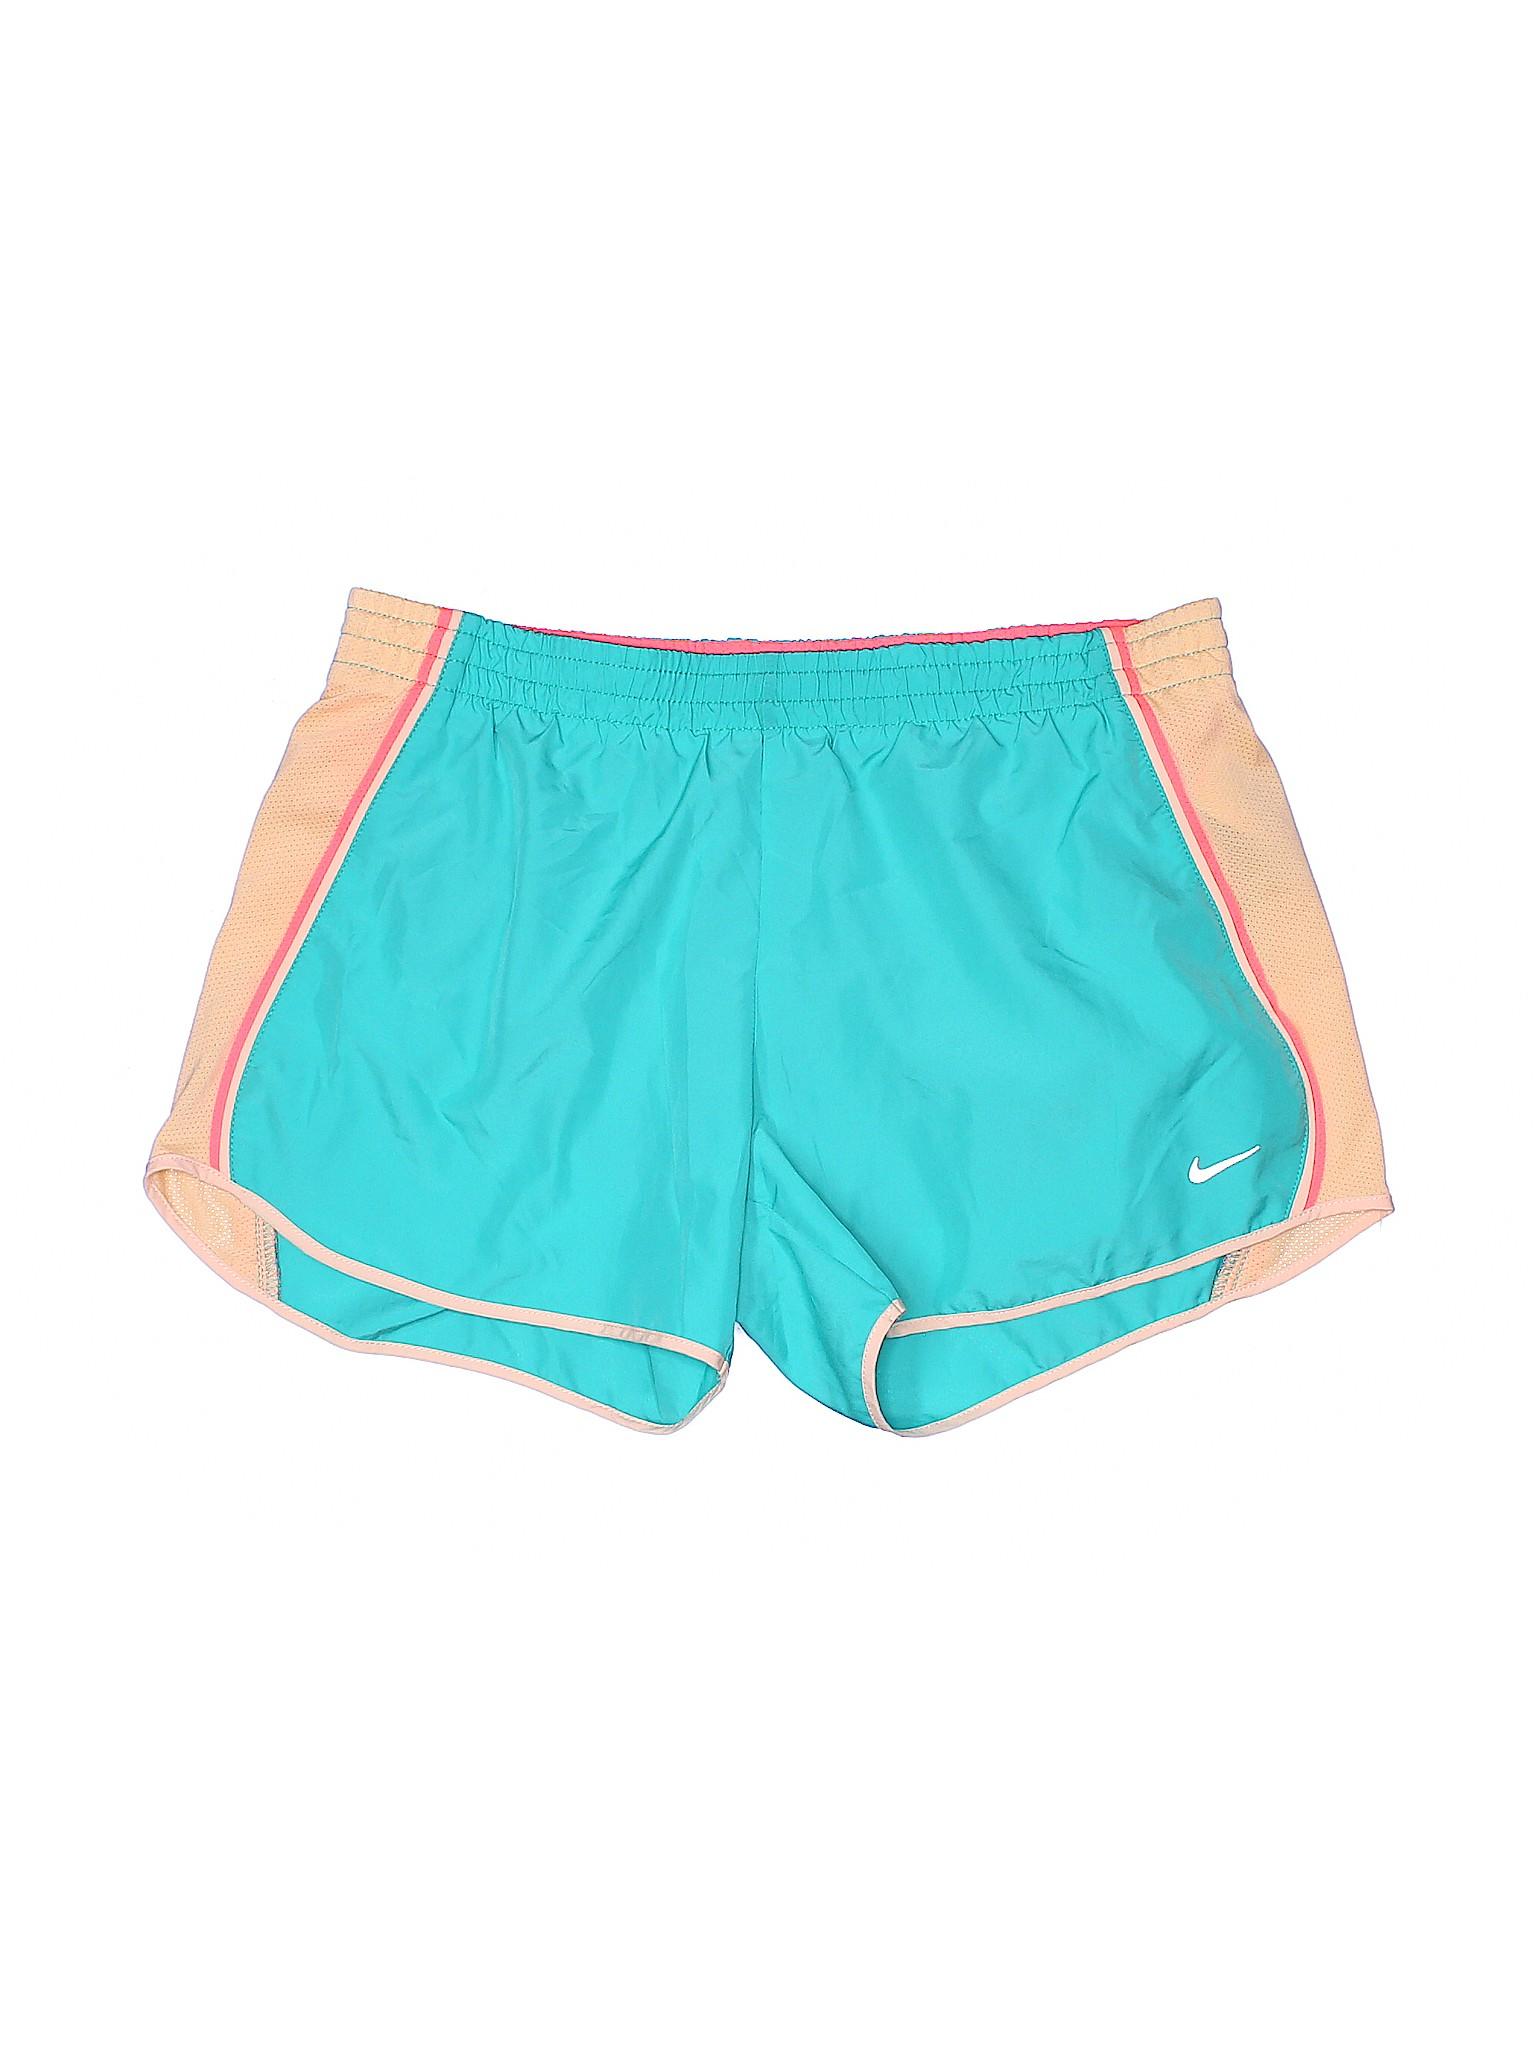 Athletic Boutique Boutique Athletic Shorts Shorts Athletic Shorts Nike Nike Nike Boutique p1fCqXP